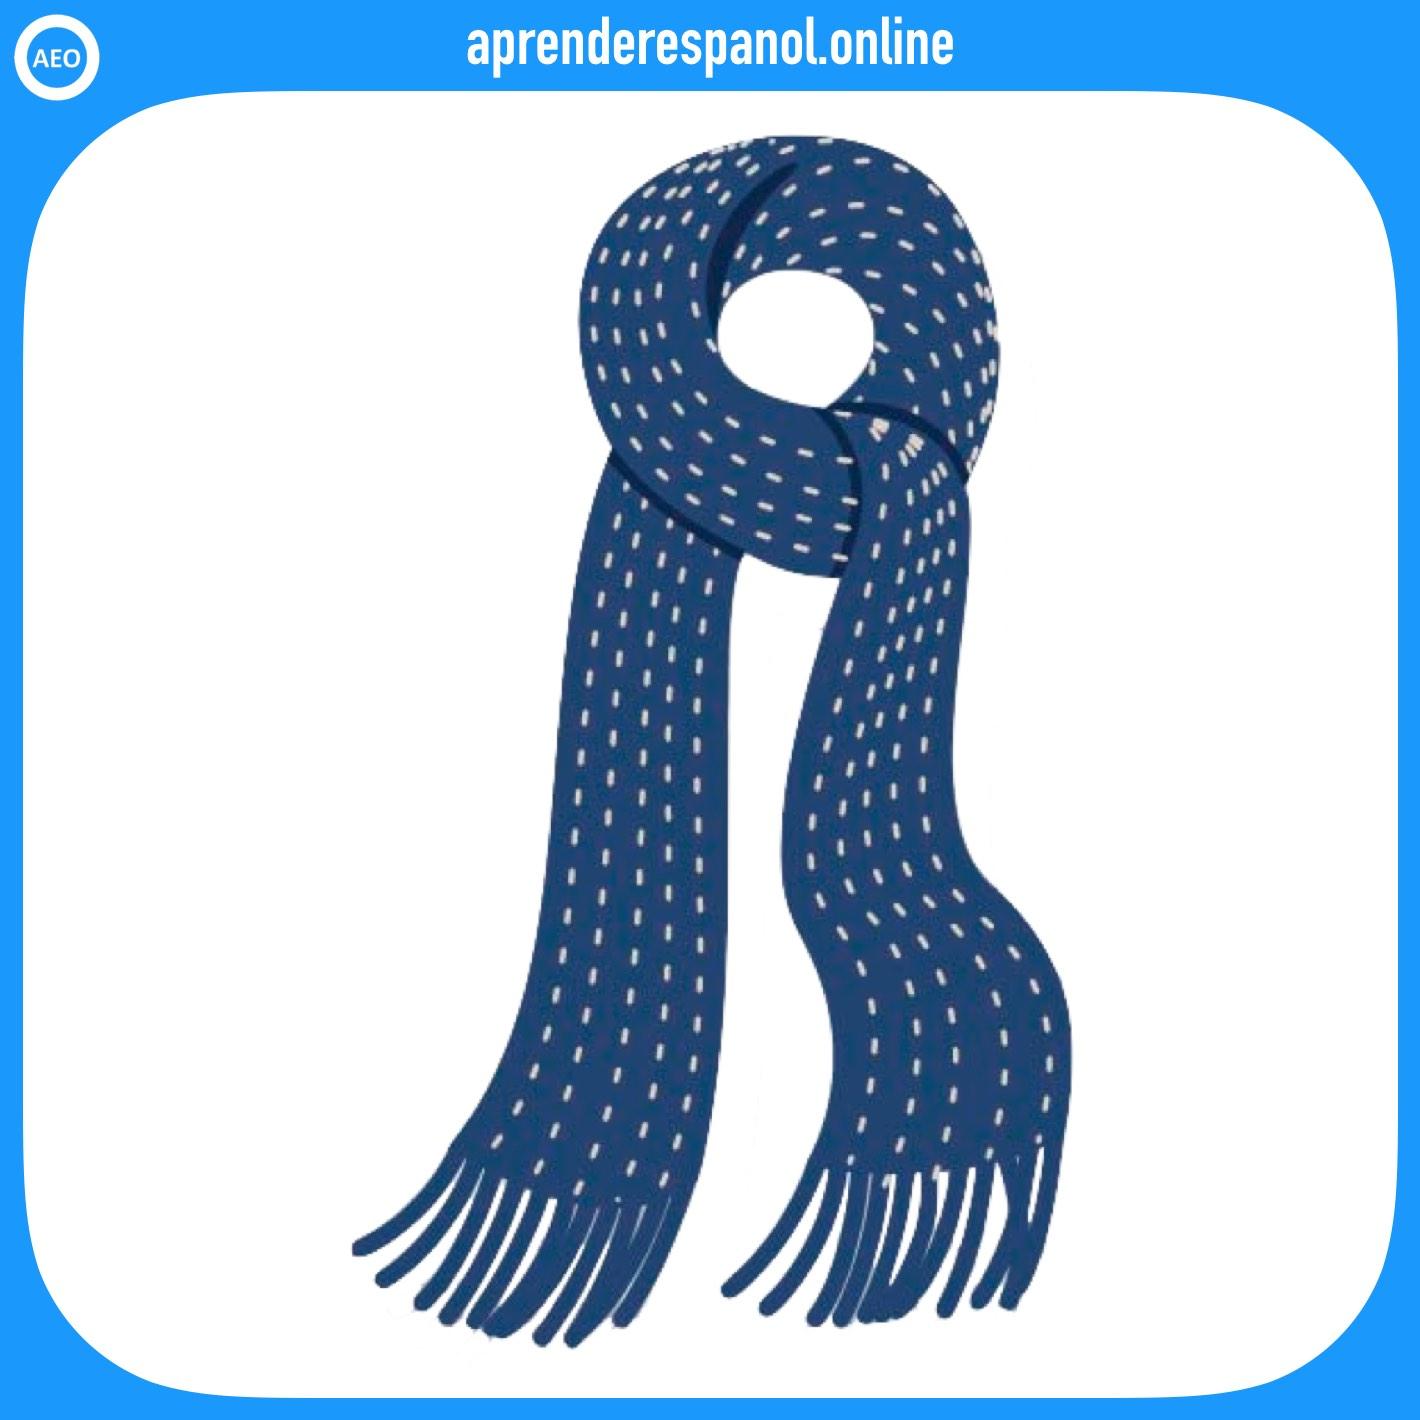 bufanda | ropa en español | vocabulario de la ropa en español